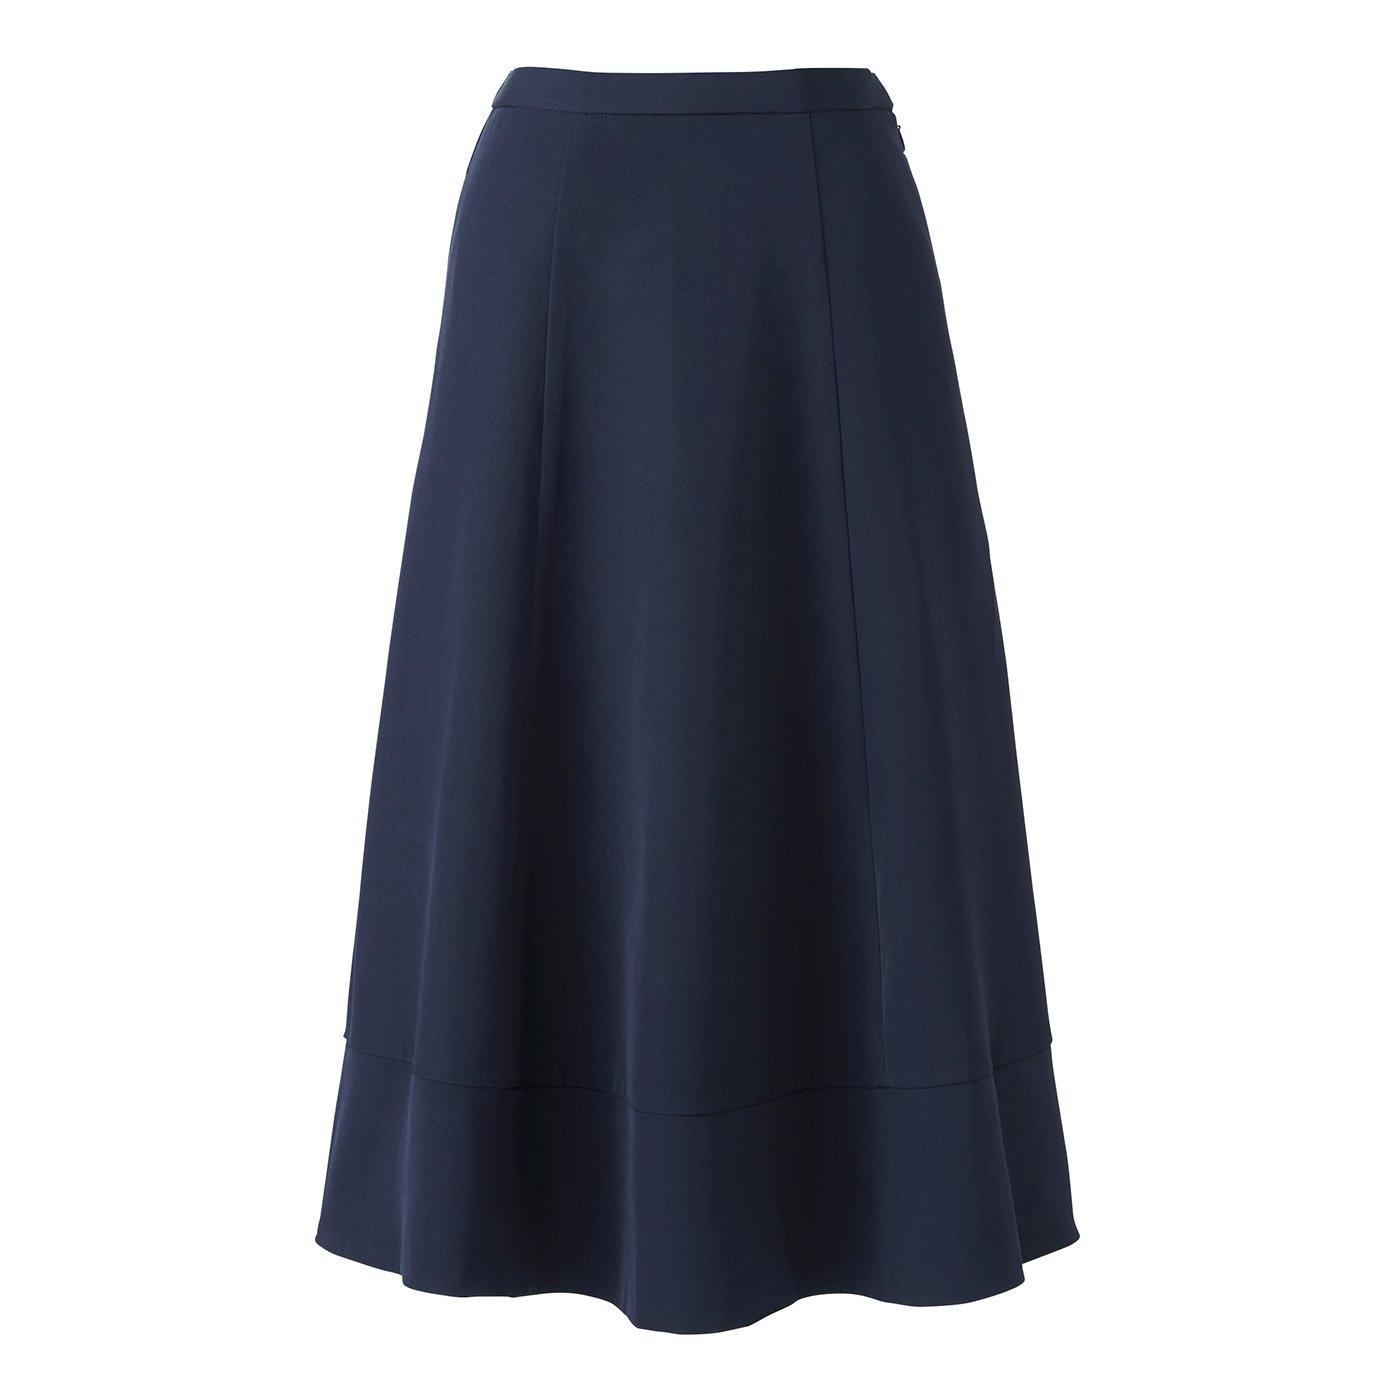 【3~10日でお届け】IEDIT[イディット] たっぷりフレアーがドラマティックなミドル丈スカート〈ネイビー〉